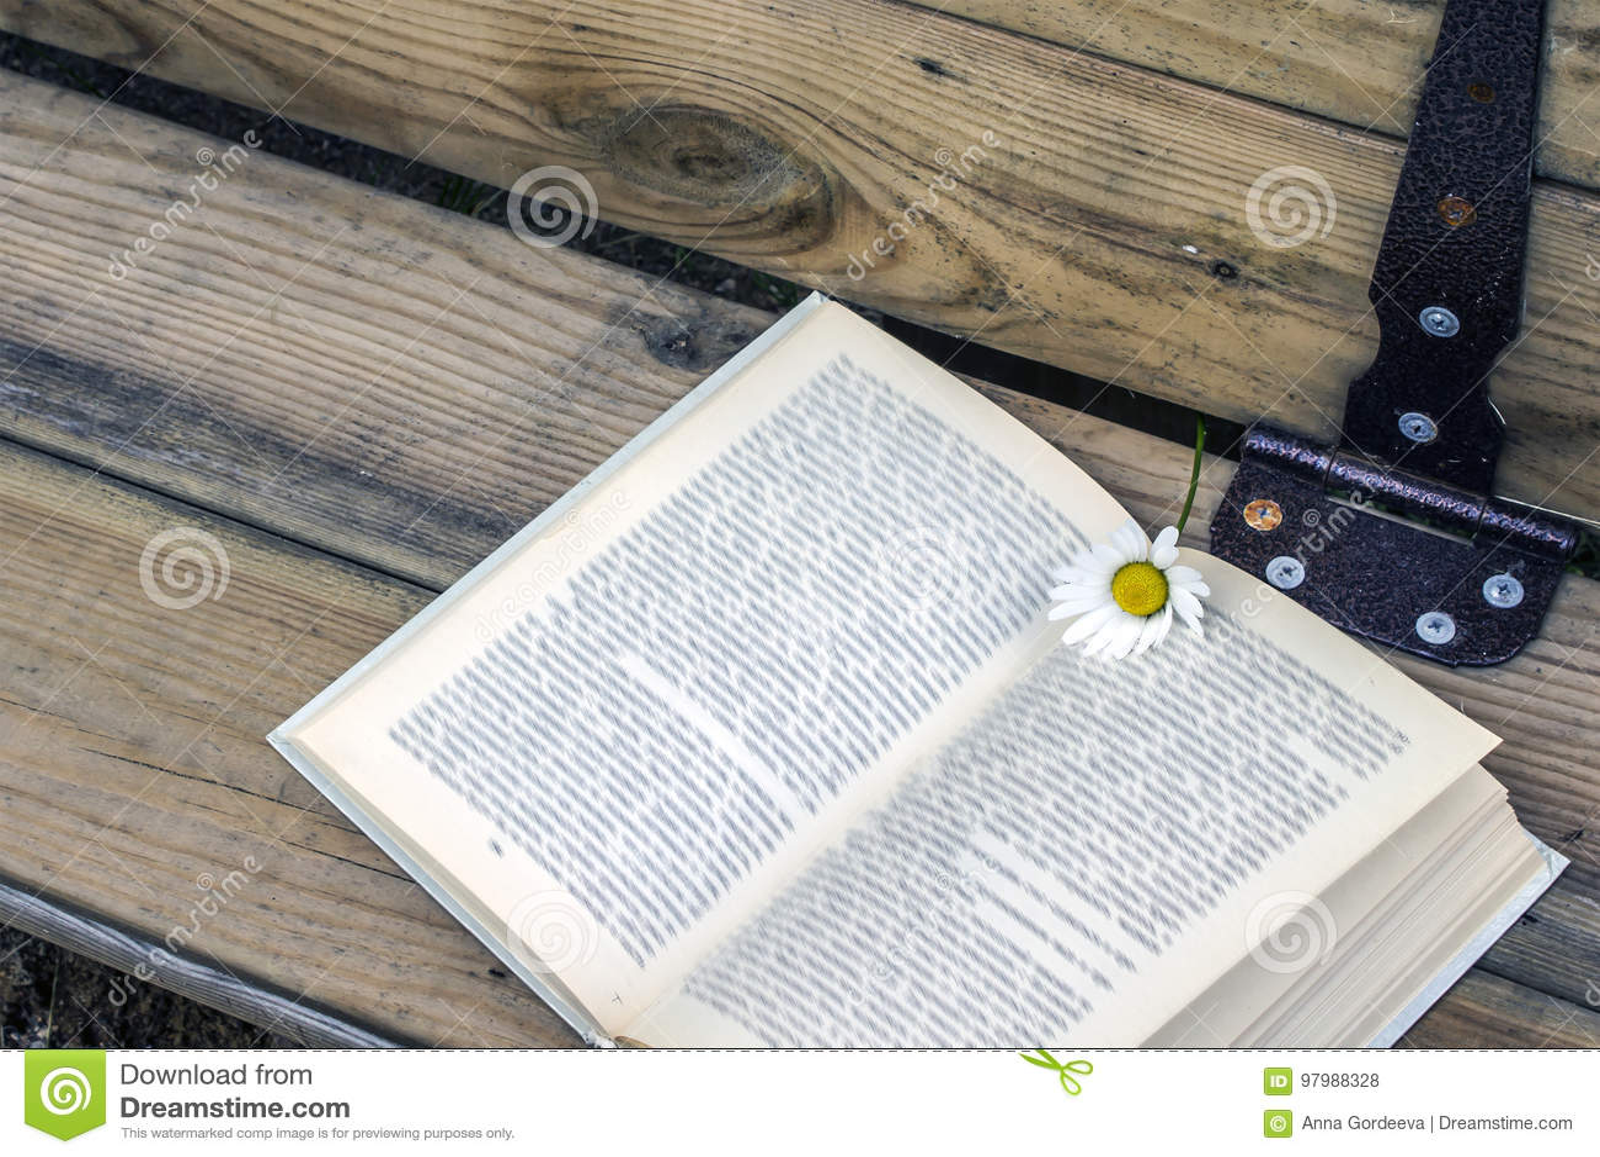 Open boek met een referentie - een madeliefjebloem